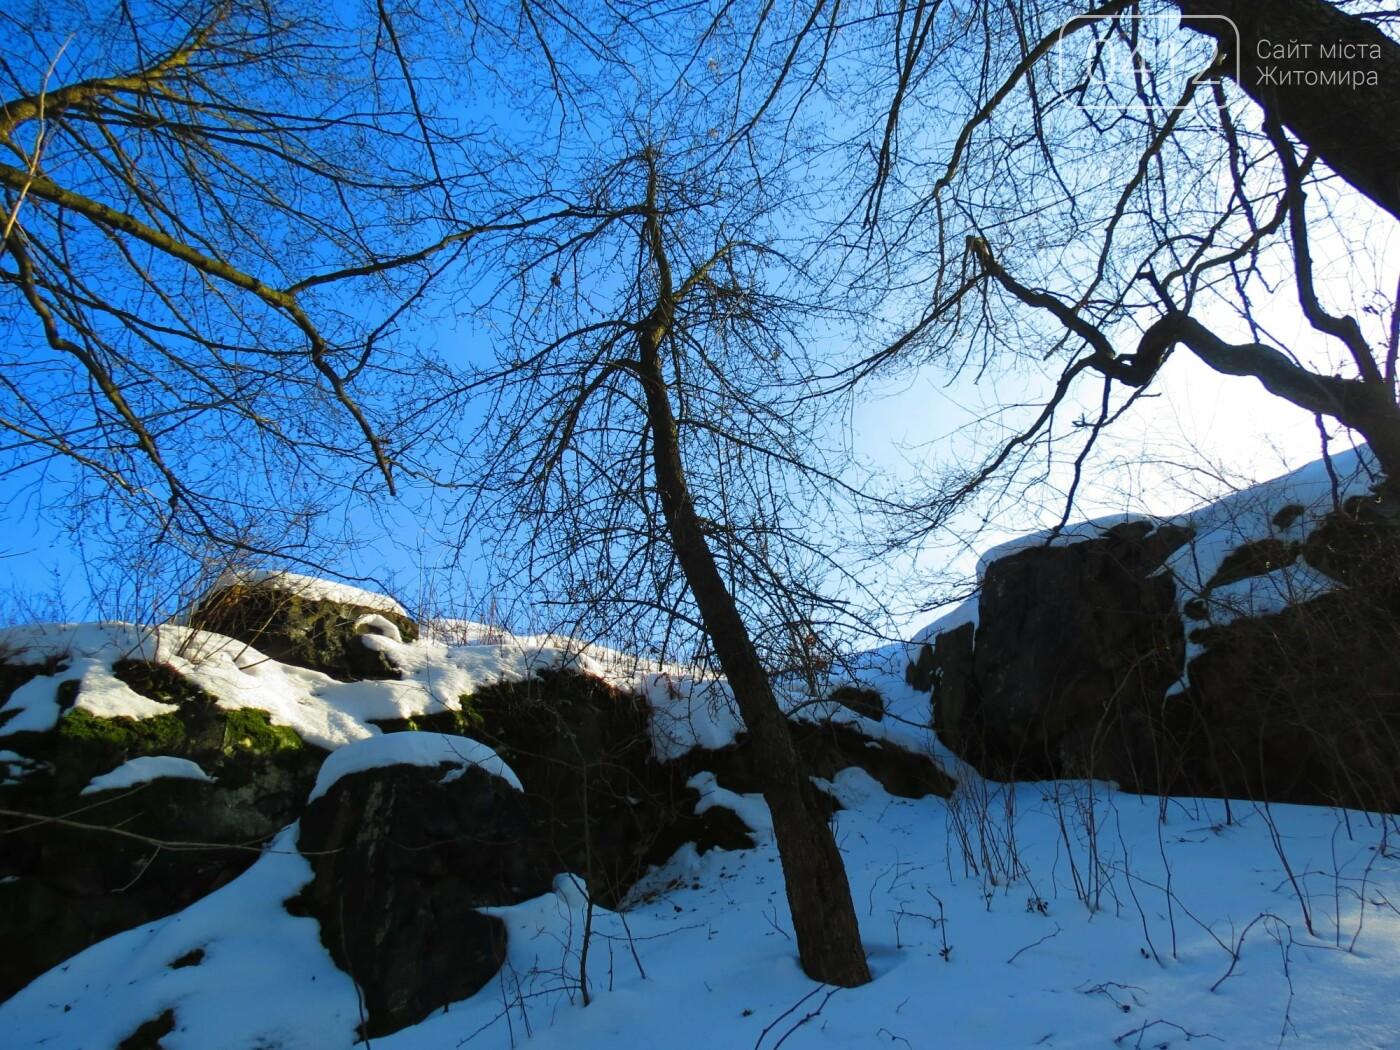 Між зимою та весною: неймовірної краси місцини в Житомирі. ФОТОРЕПОРТАЖ, фото-19